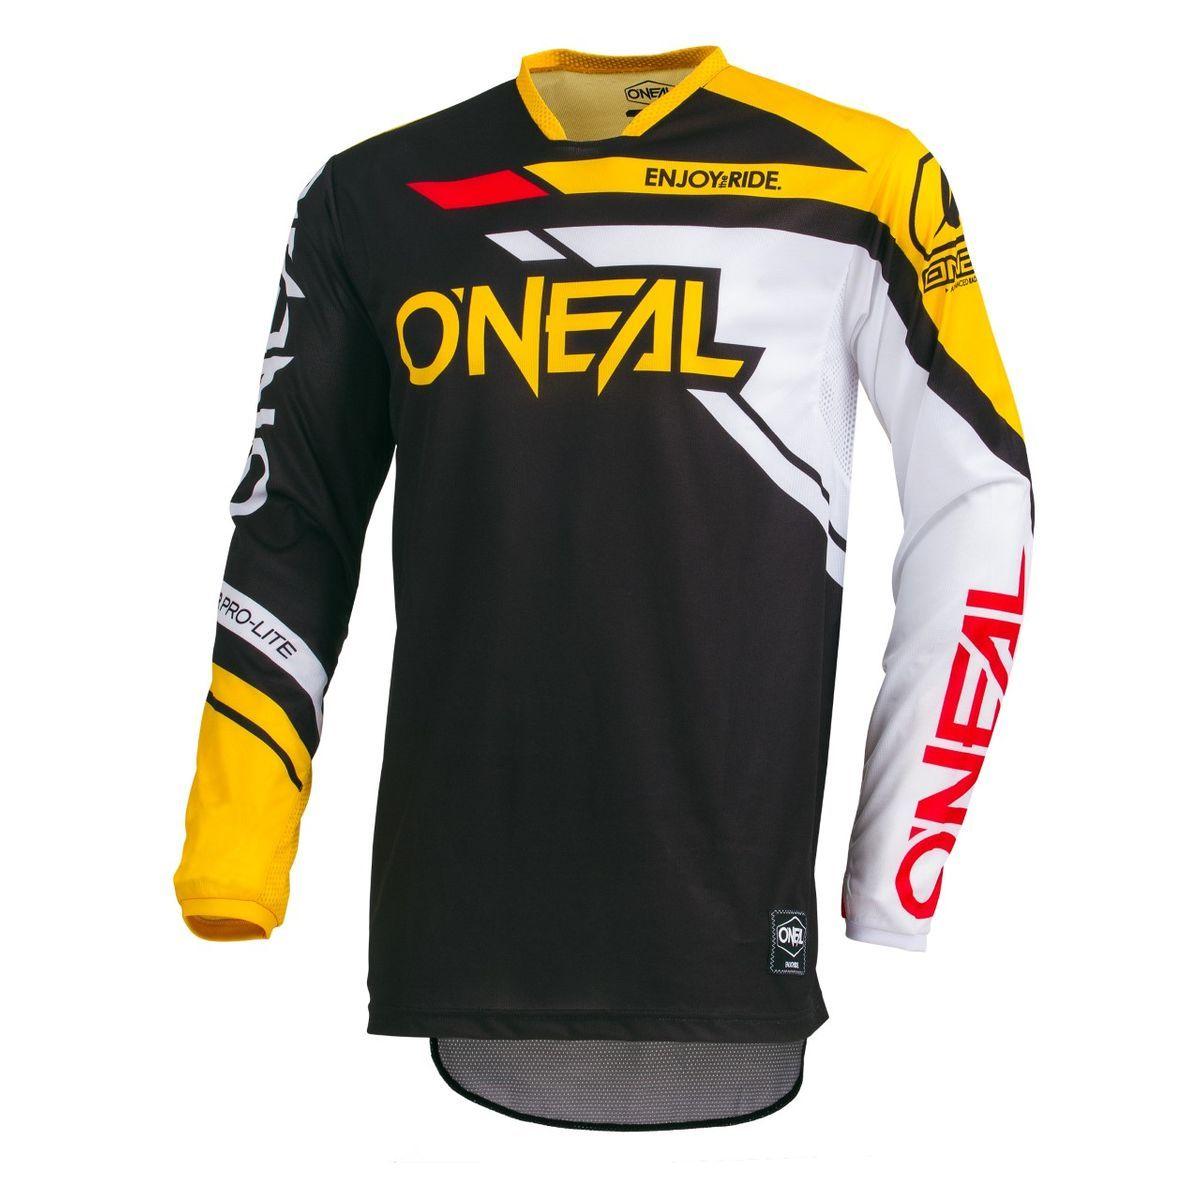 Download O Neal Hardwear Flow True Rizer Jersey Md 20 11 00 Off Revzilla Jersey Design Formal Mens Fashion Jersey